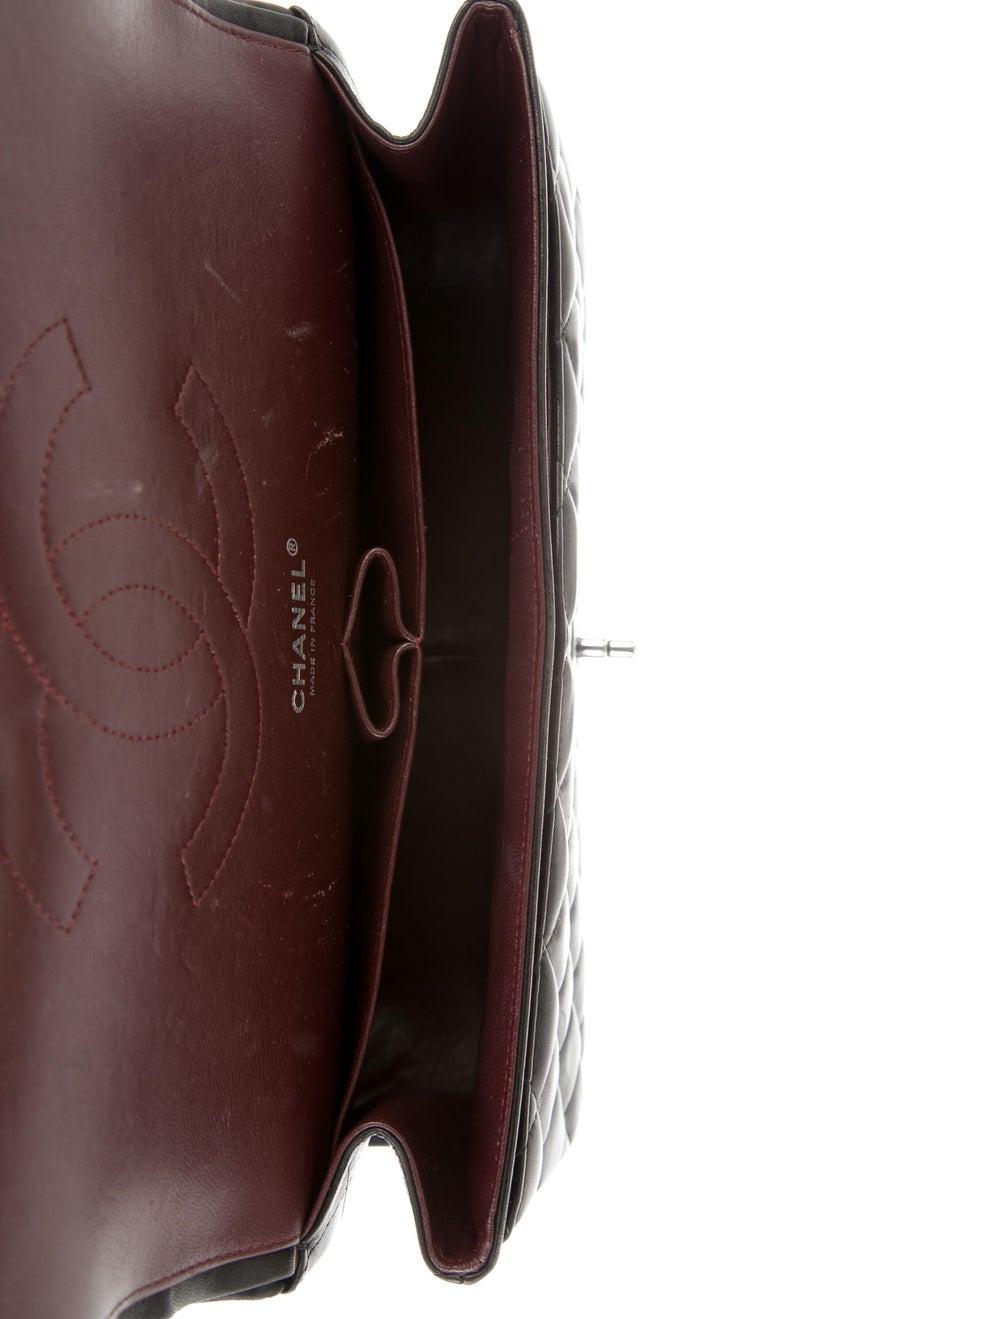 Chanel Classic Jumbo Double Flap Bag Black - image 5